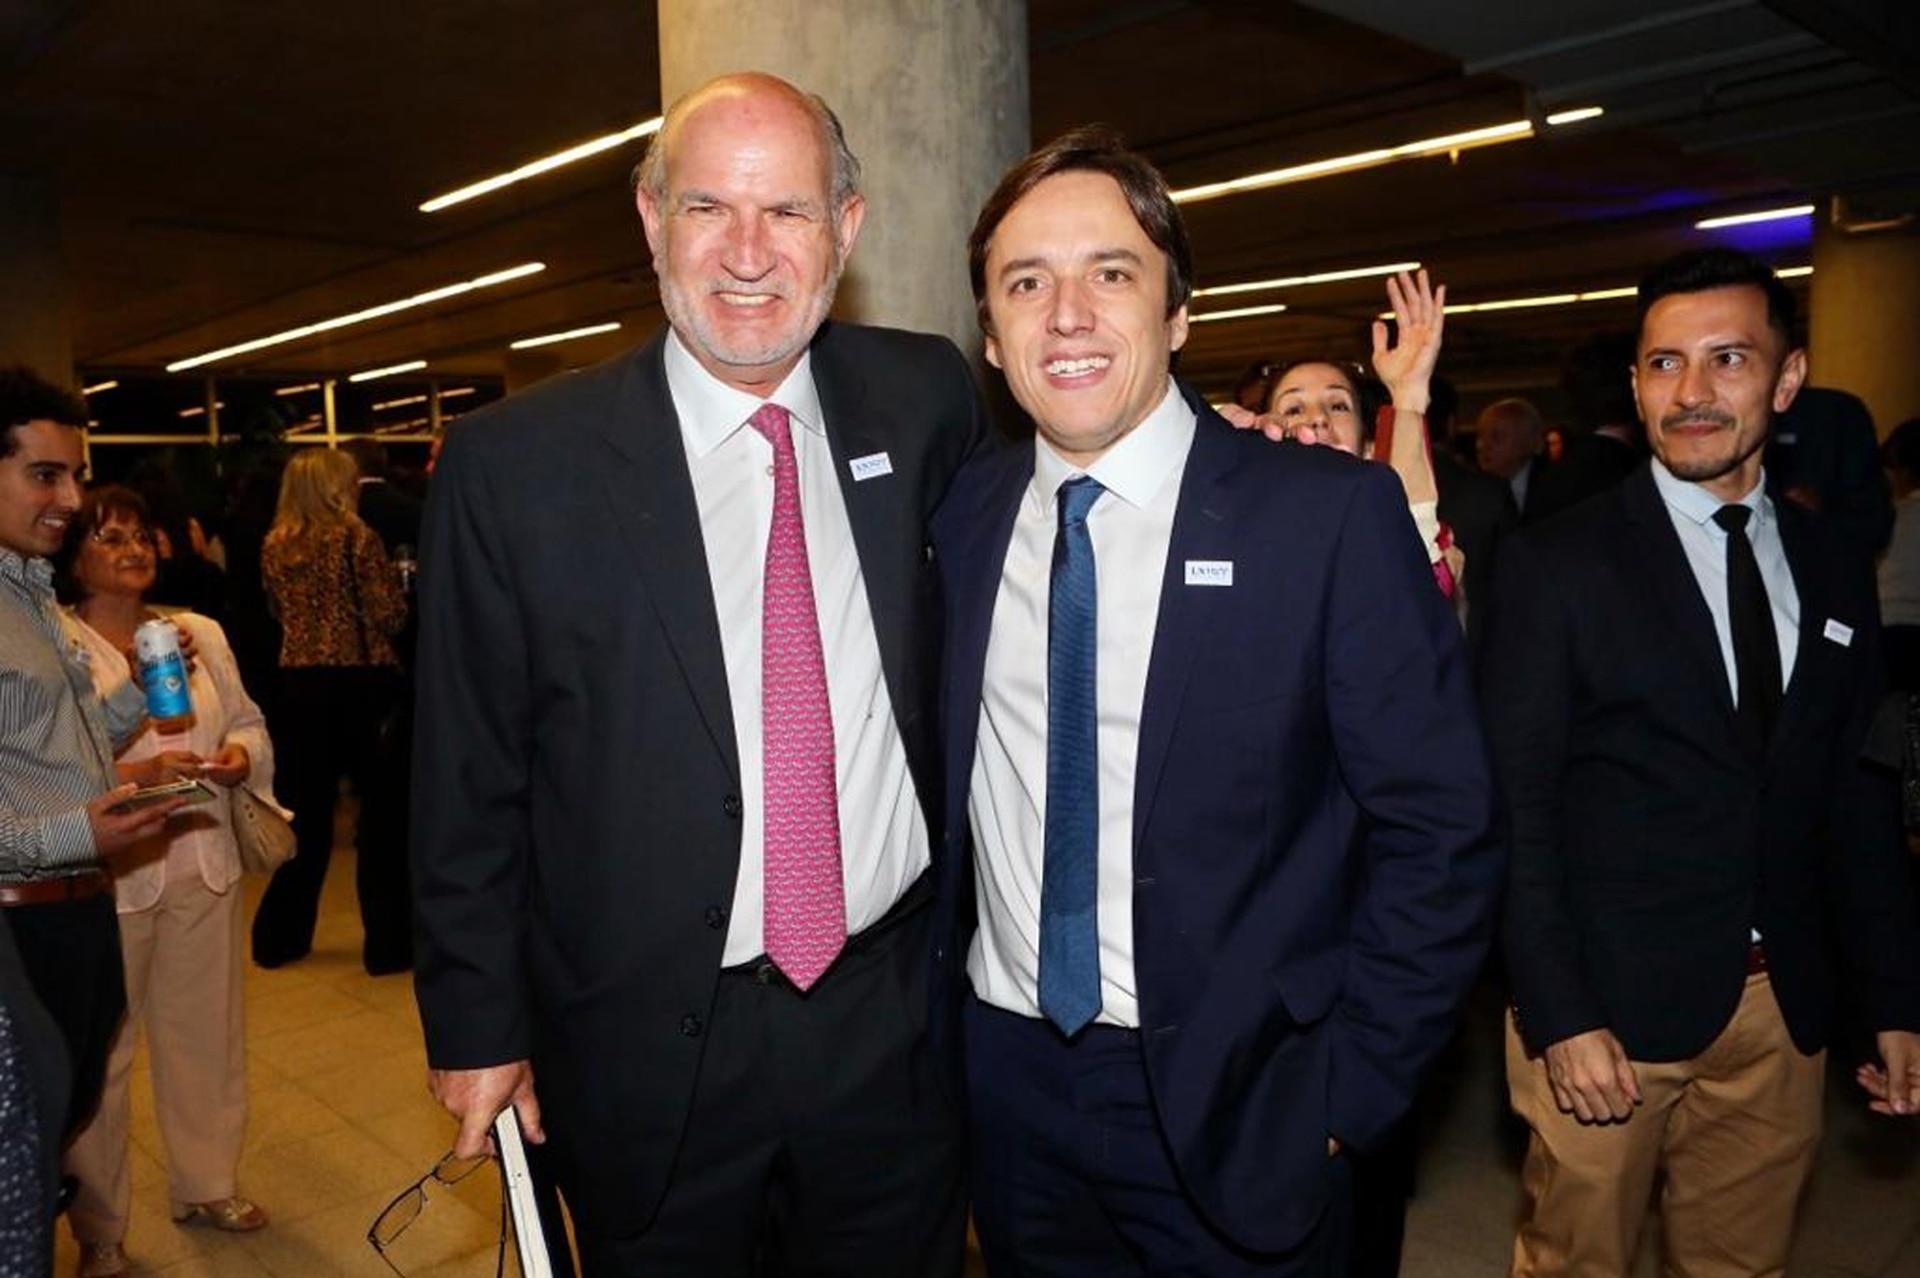 El escribano Enrique Maswichtz junto a José del Rio, Secretario General de Redacción de LA NACION